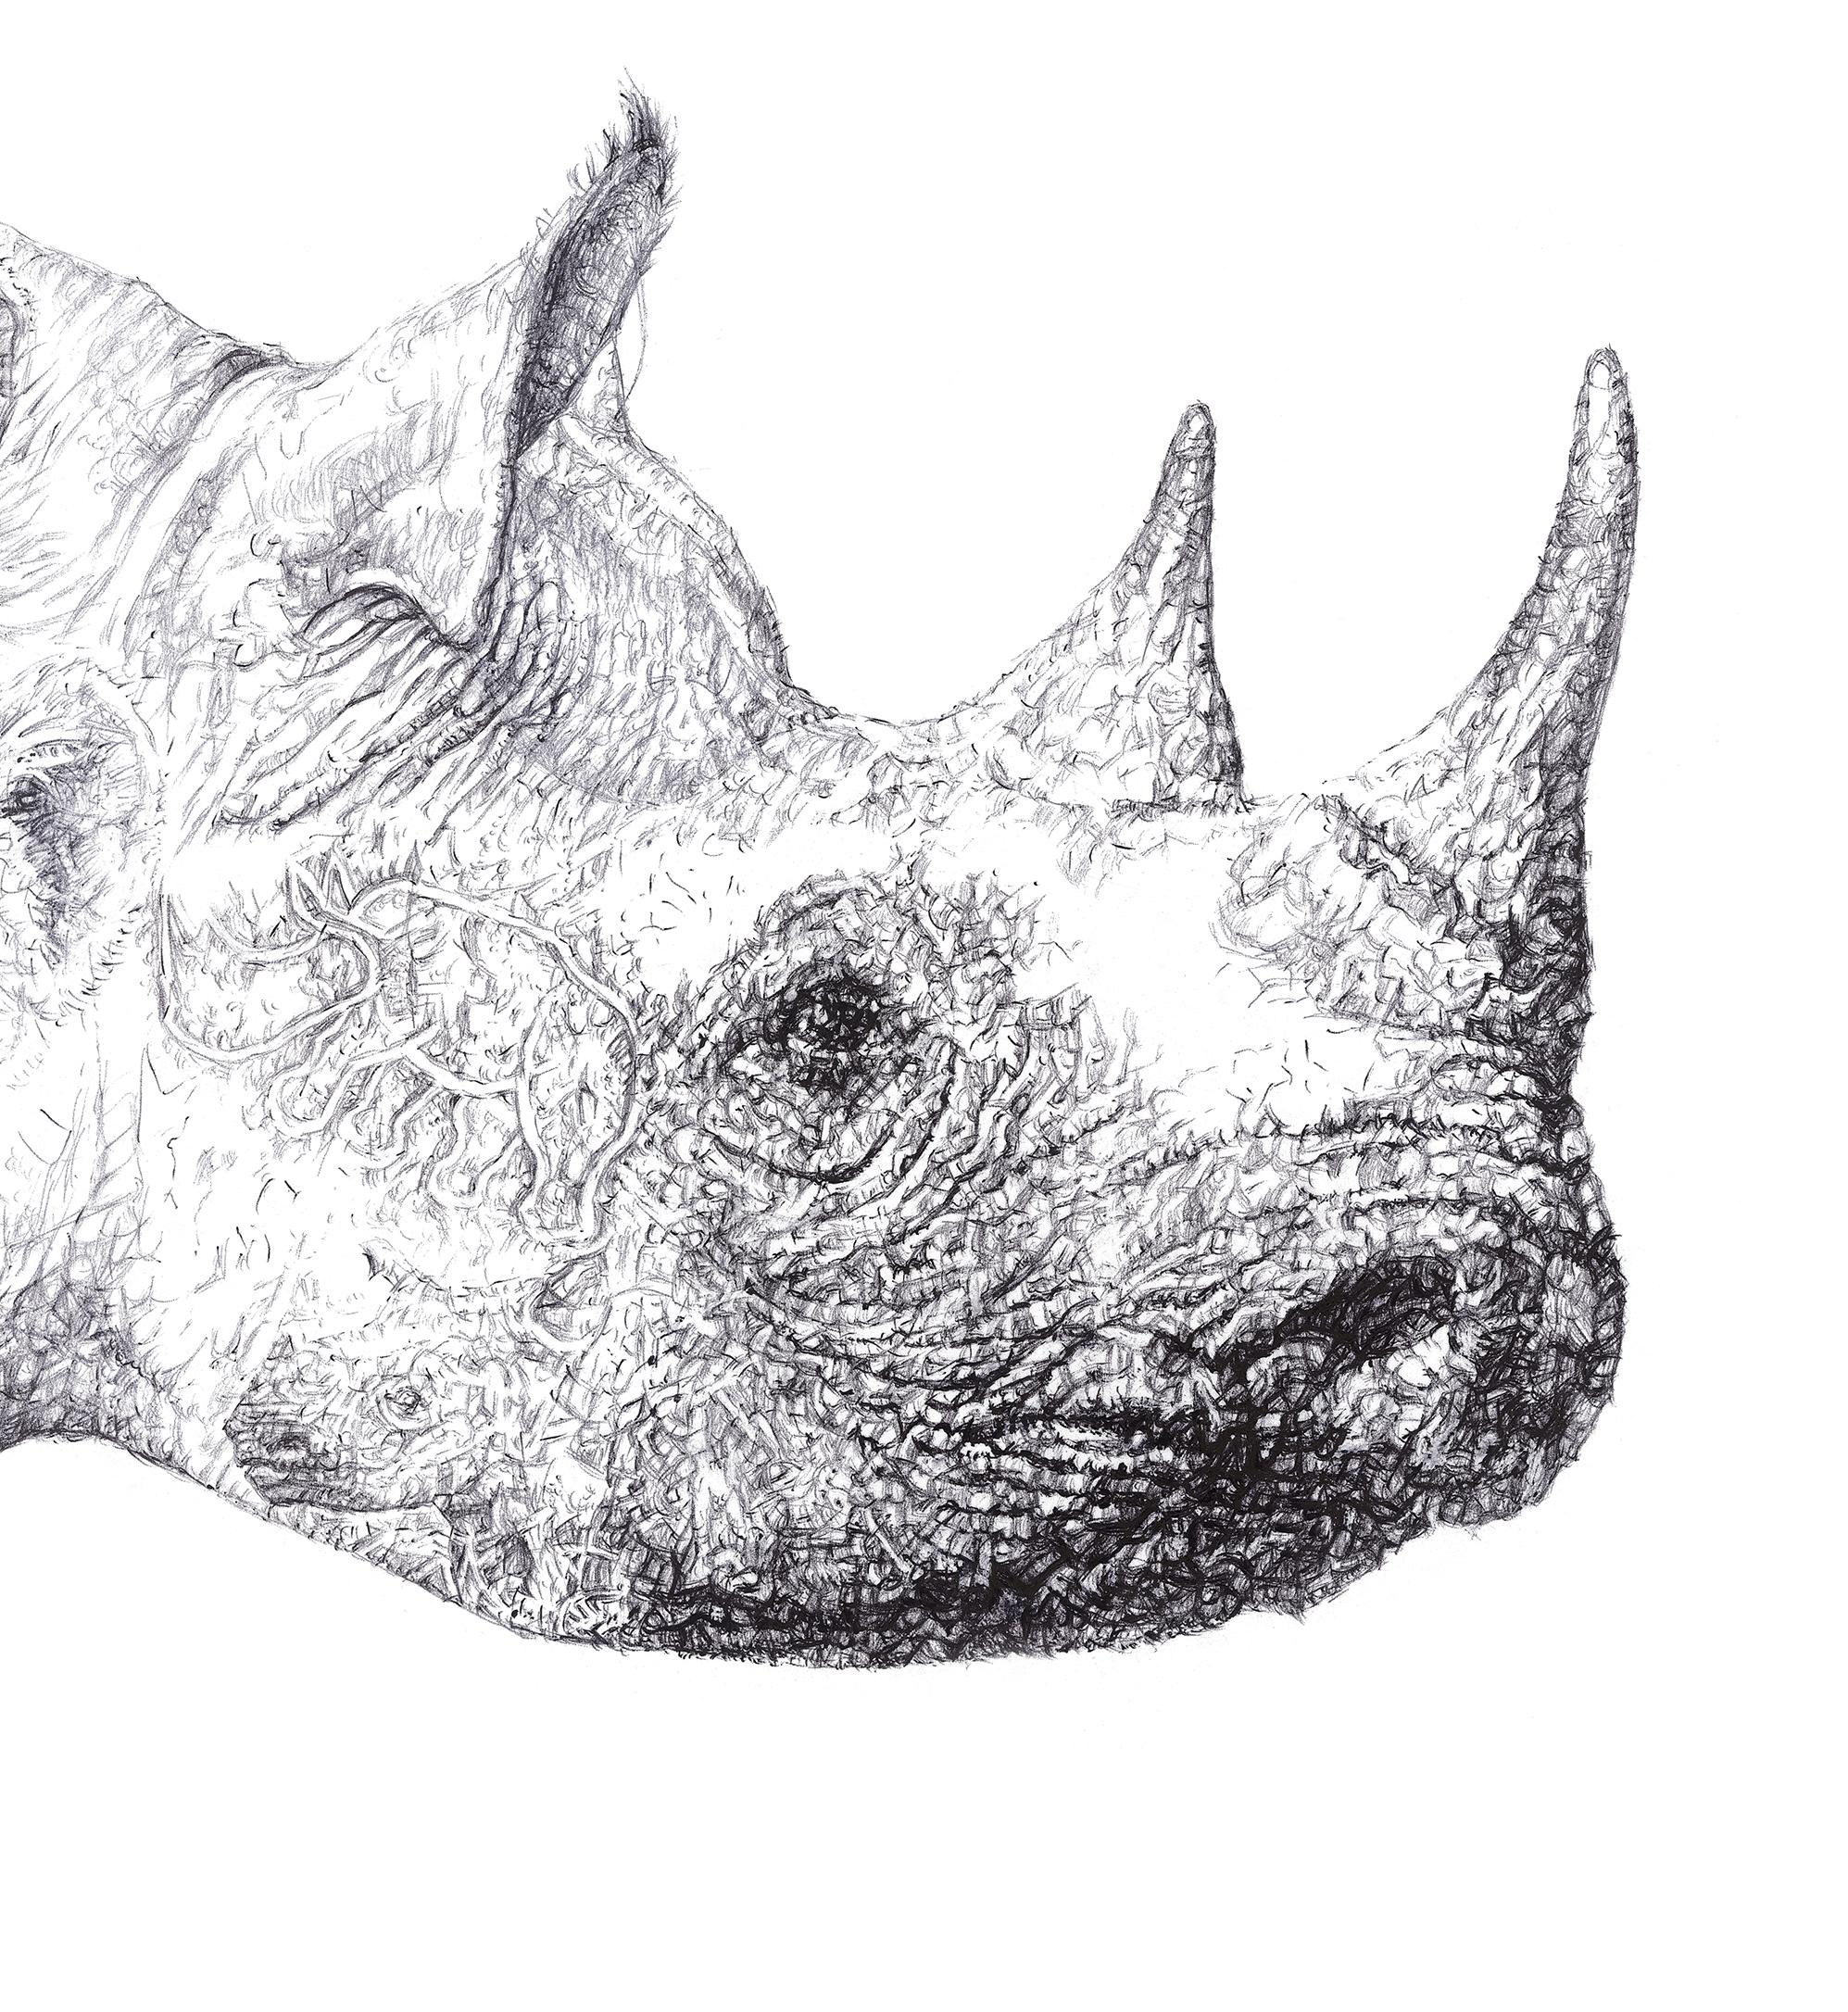 Rhinoceros Head Drawing